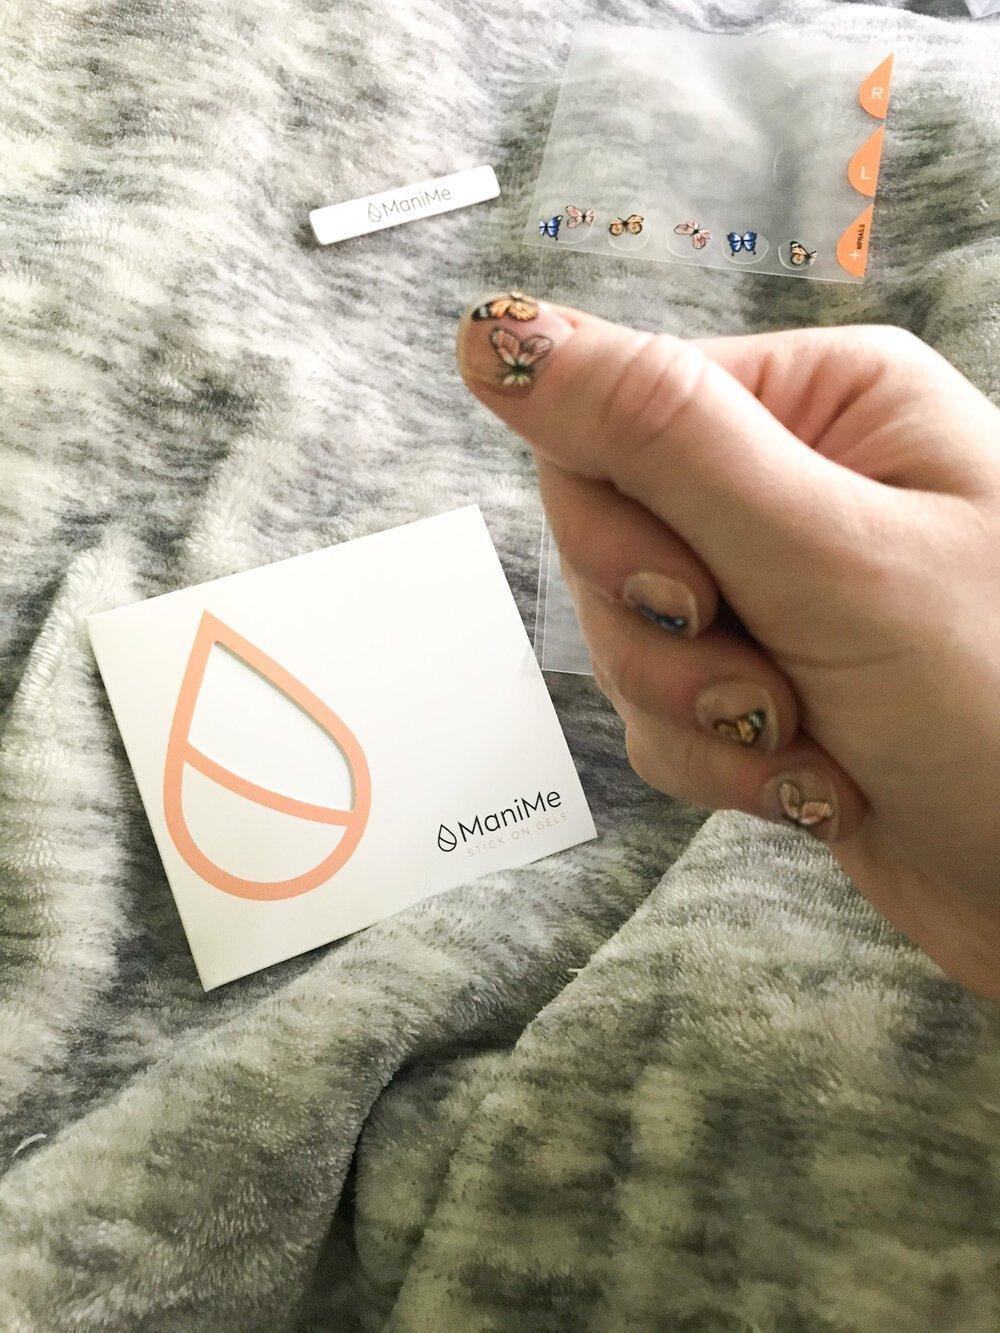 Em's nail design choice